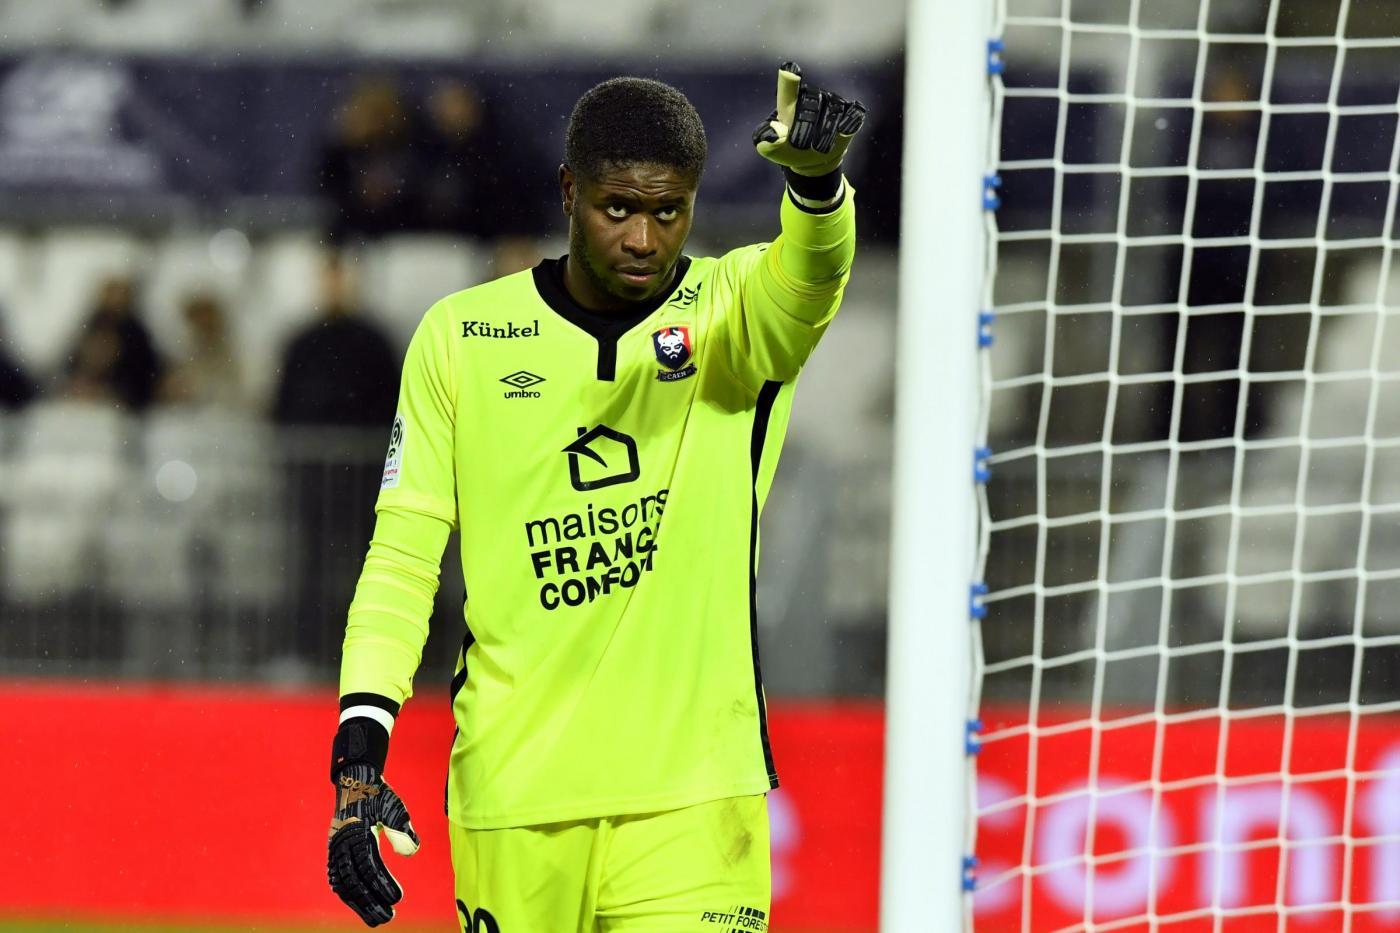 Caen-Tolosa 18 dicembre: si gioca per la 18 esima giornata della Serie A francese. Tanto equilibrio in questa sfida per la salvezza.